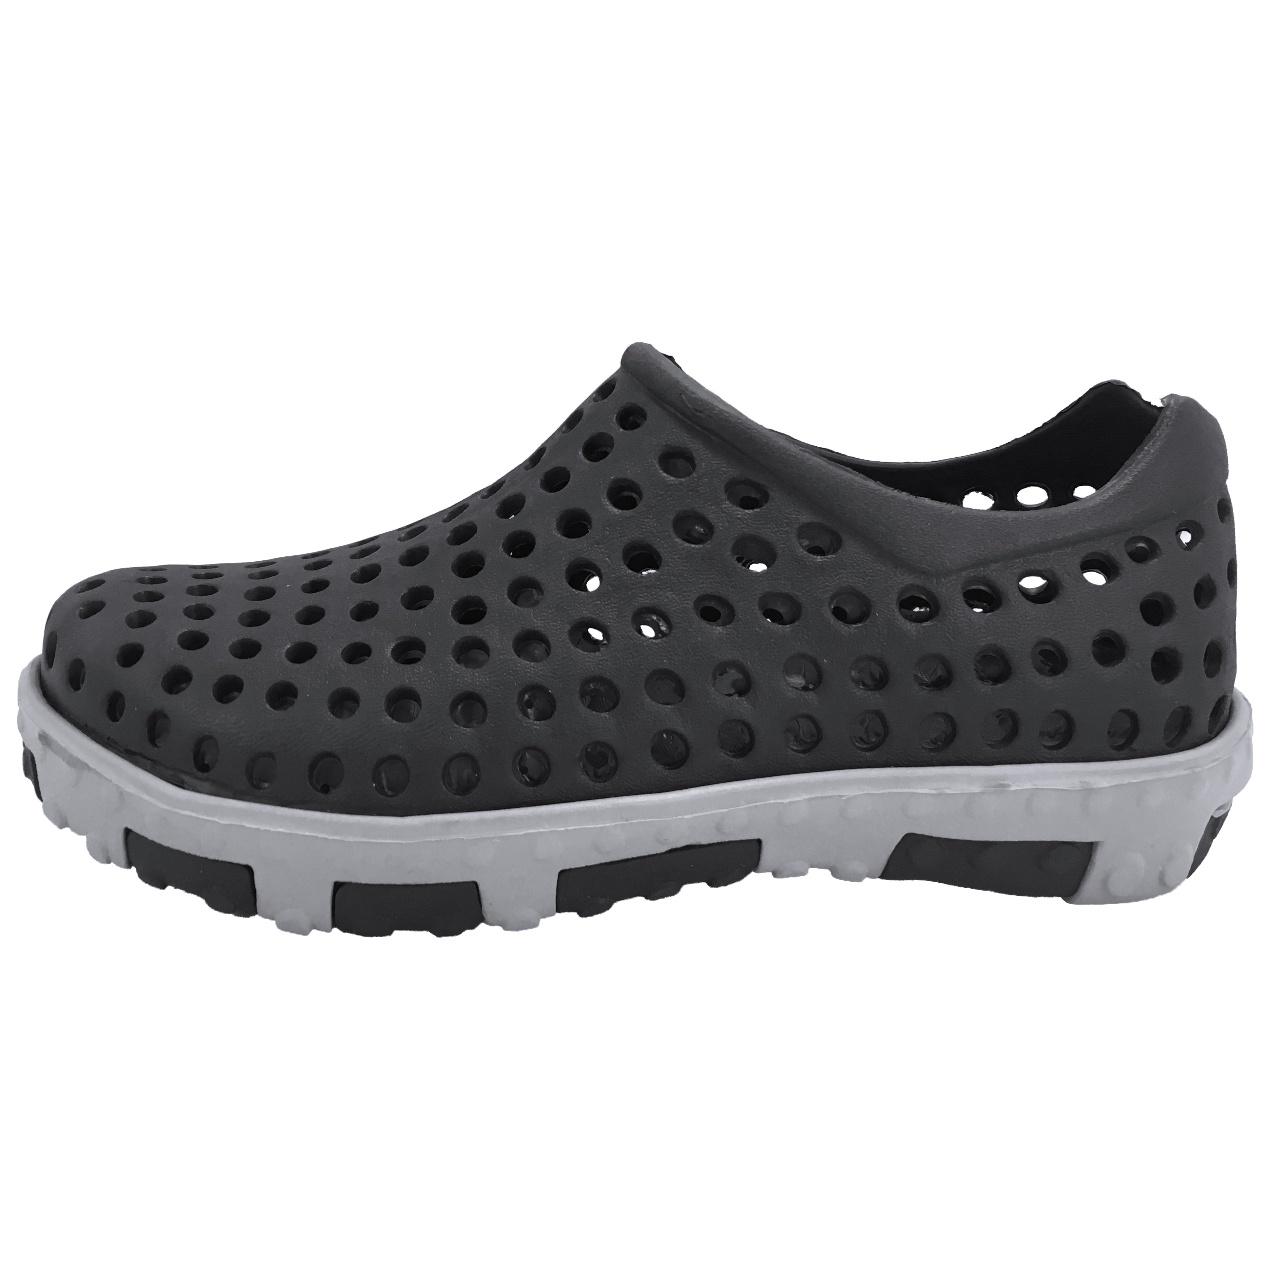 کفش ساحلی زنانه نسیم مدل کلمبیا کد 2819              خرید